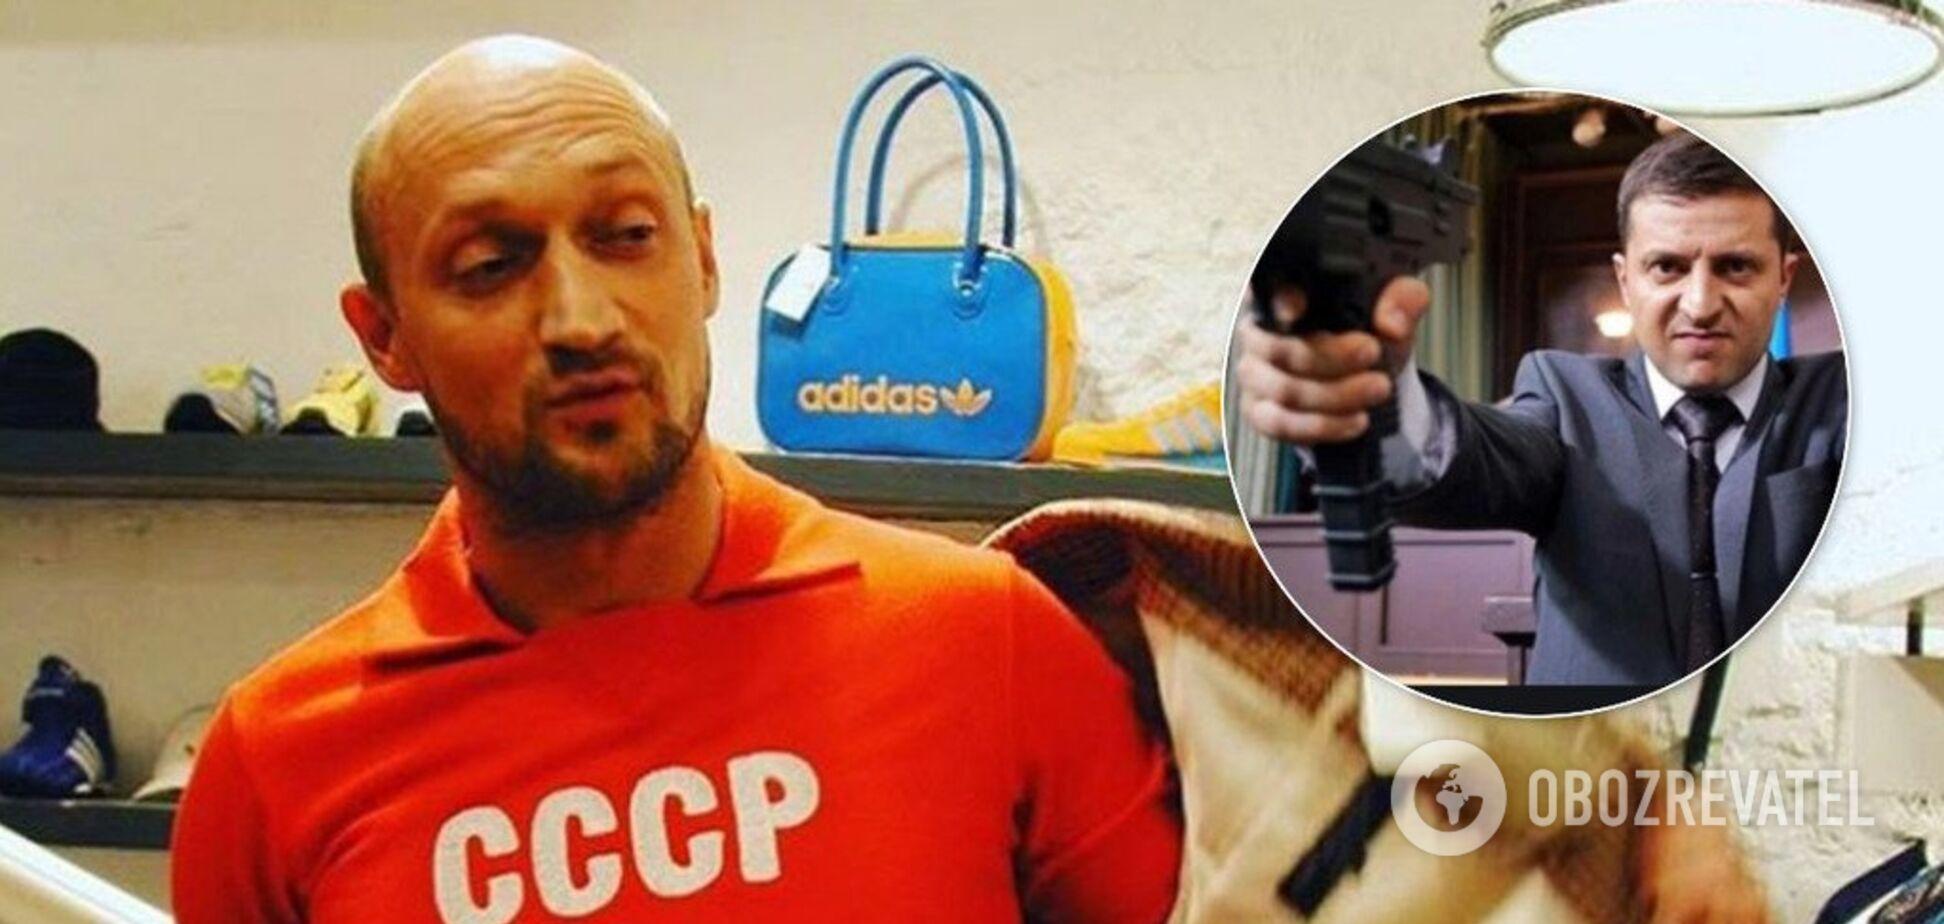 По стопам Зеленского: актер из базы 'Миротворца' захотел стать президентом Украины